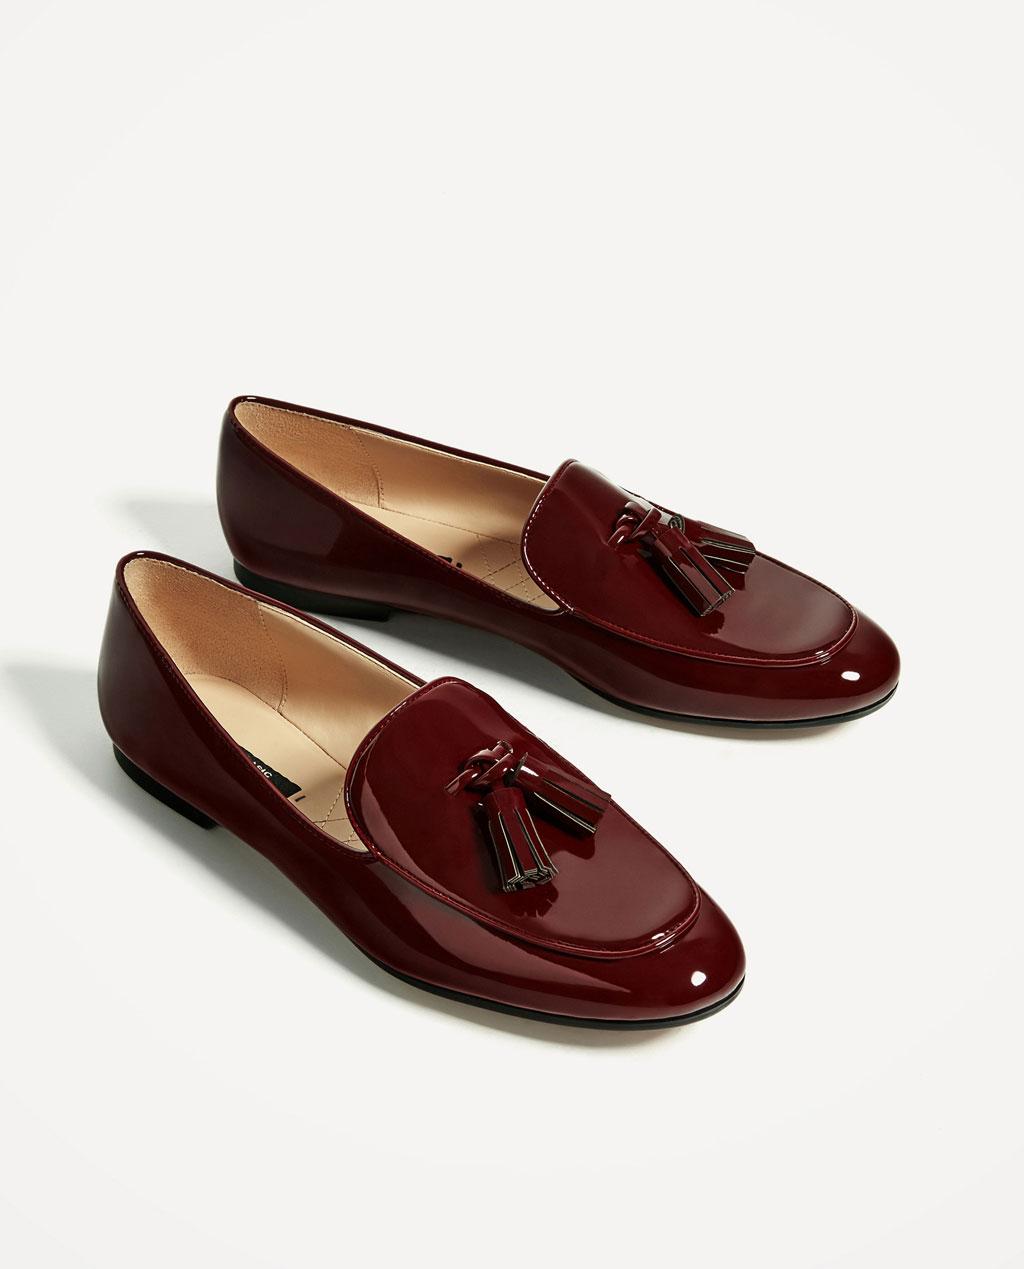 chaussures femme 2017 zara. Black Bedroom Furniture Sets. Home Design Ideas